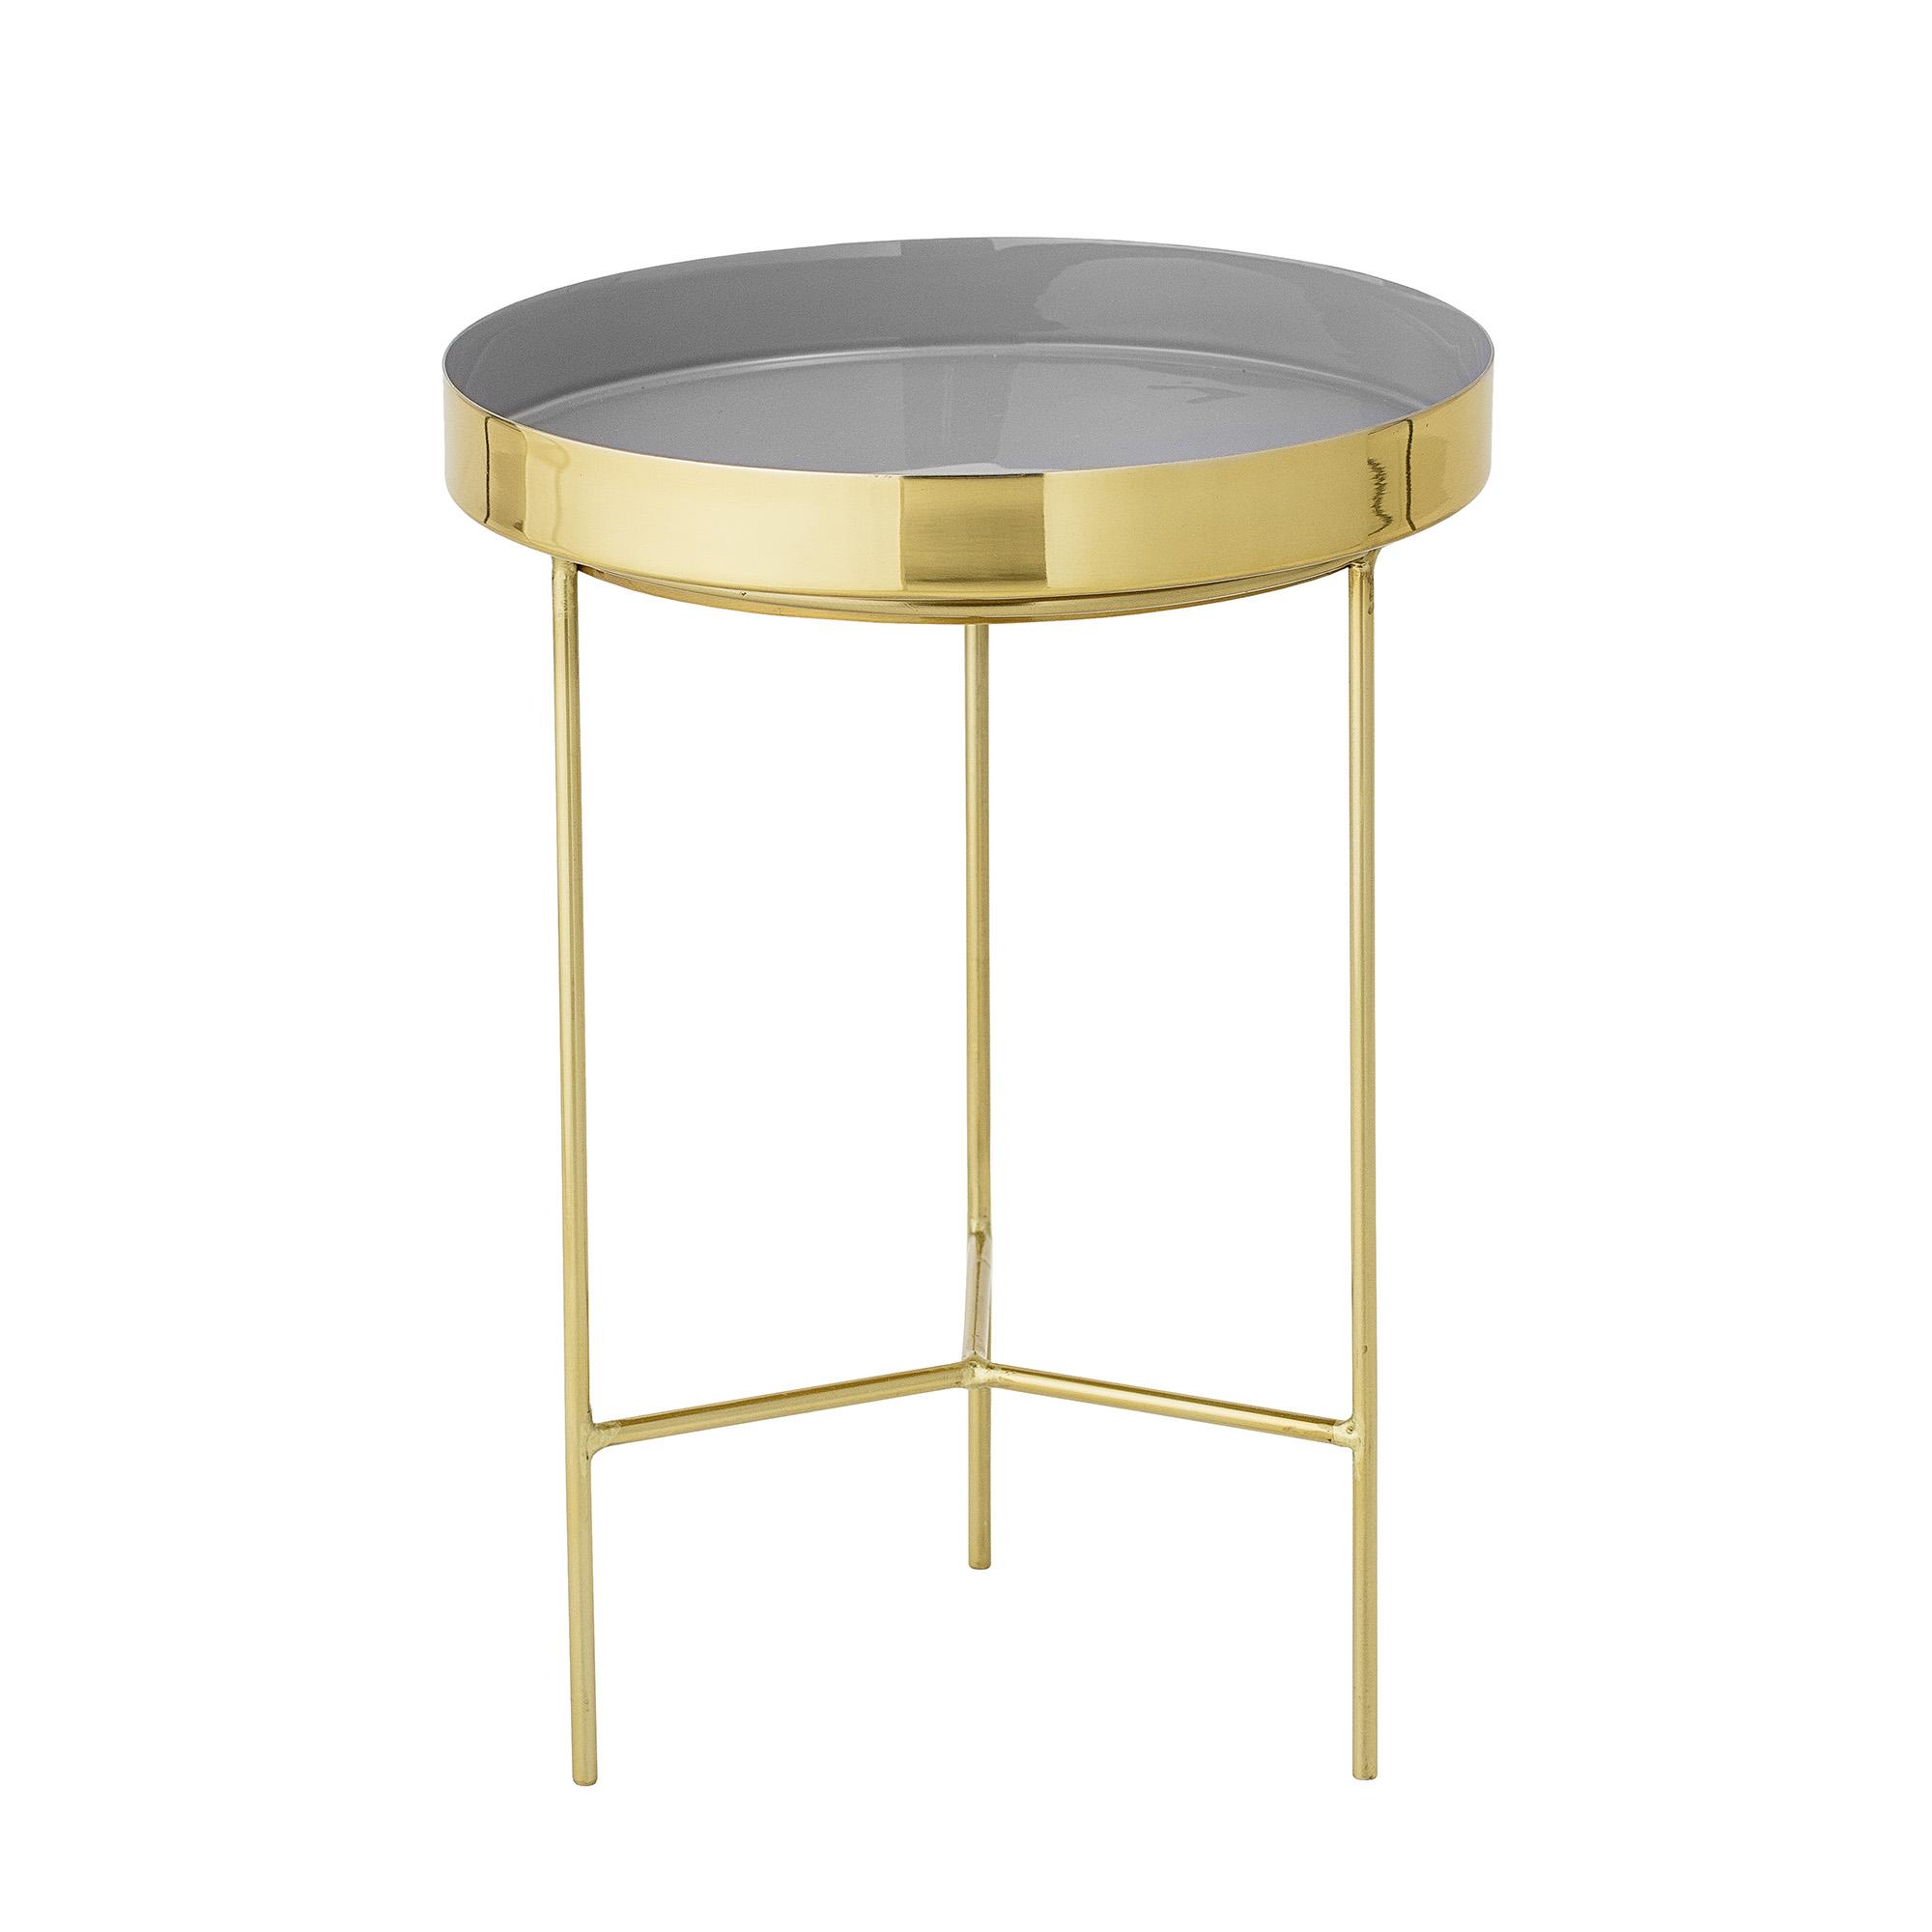 Bloomingville sola bakkebord - grå/guld aluminium/stål, rund (ø30) fra bloomingville på boboonline.dk